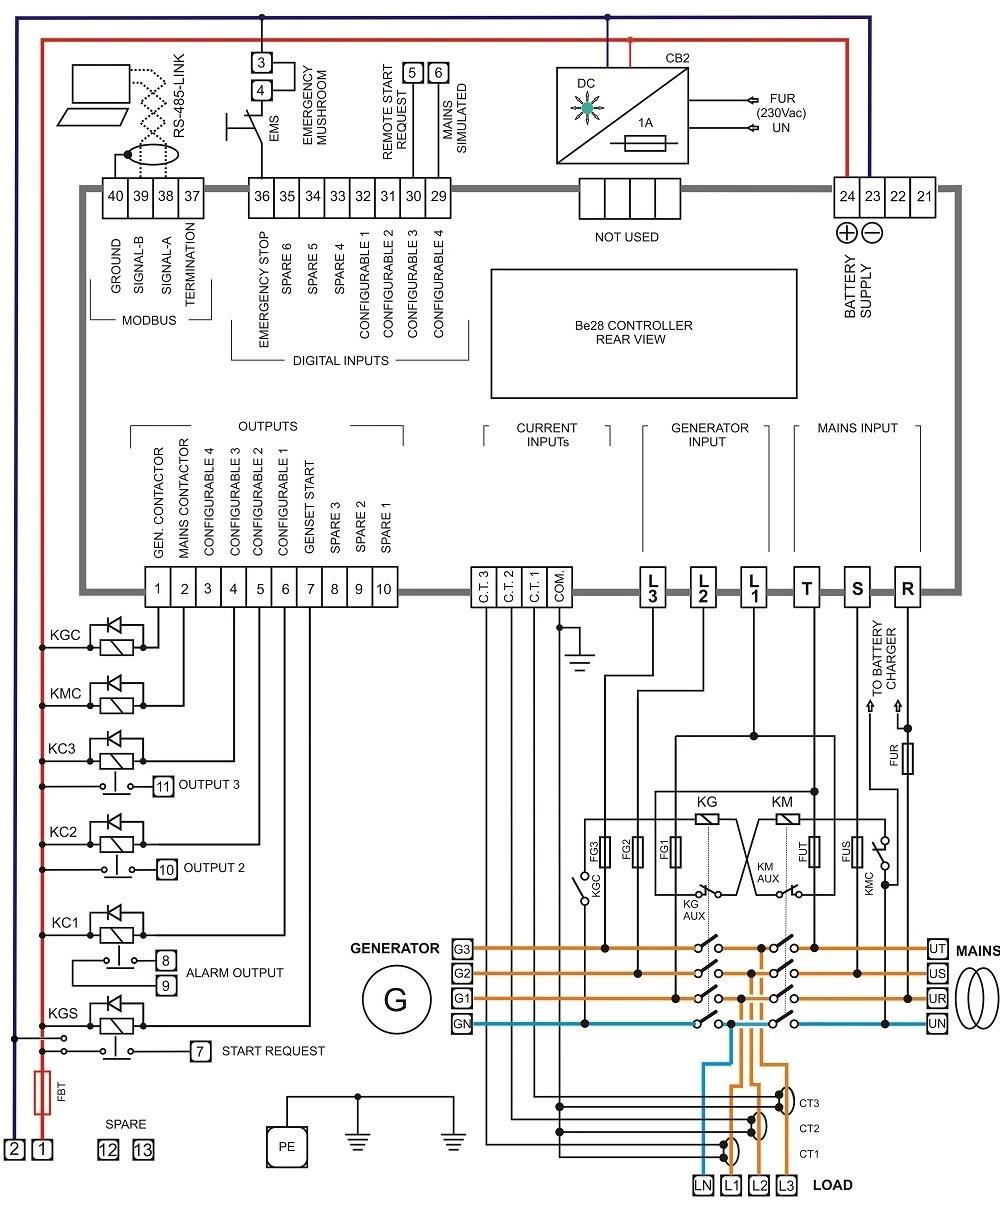 Schema electrique    berlingo    2  boisecoconceptfr